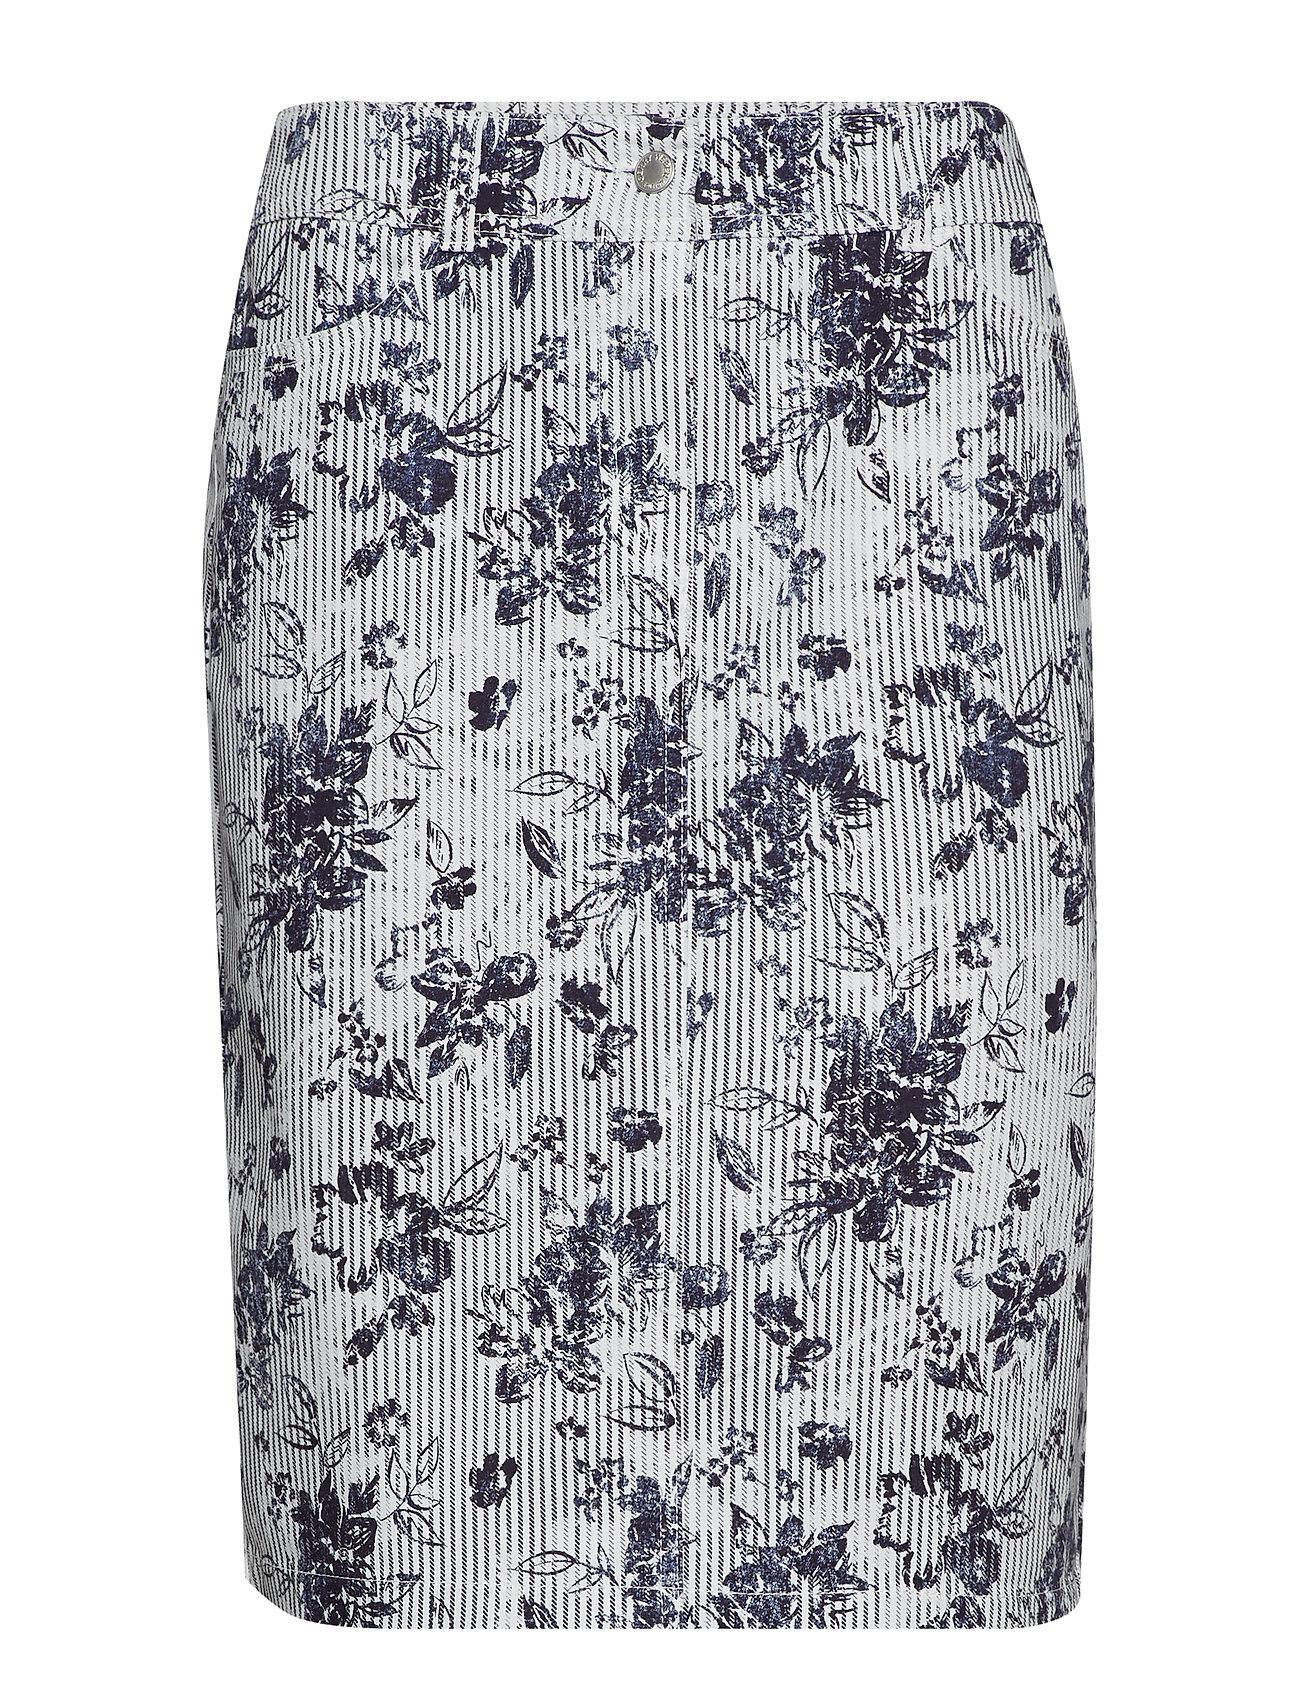 whiteGerry Woven Skirt Short Weber Fablue Edition L3qc54SARj